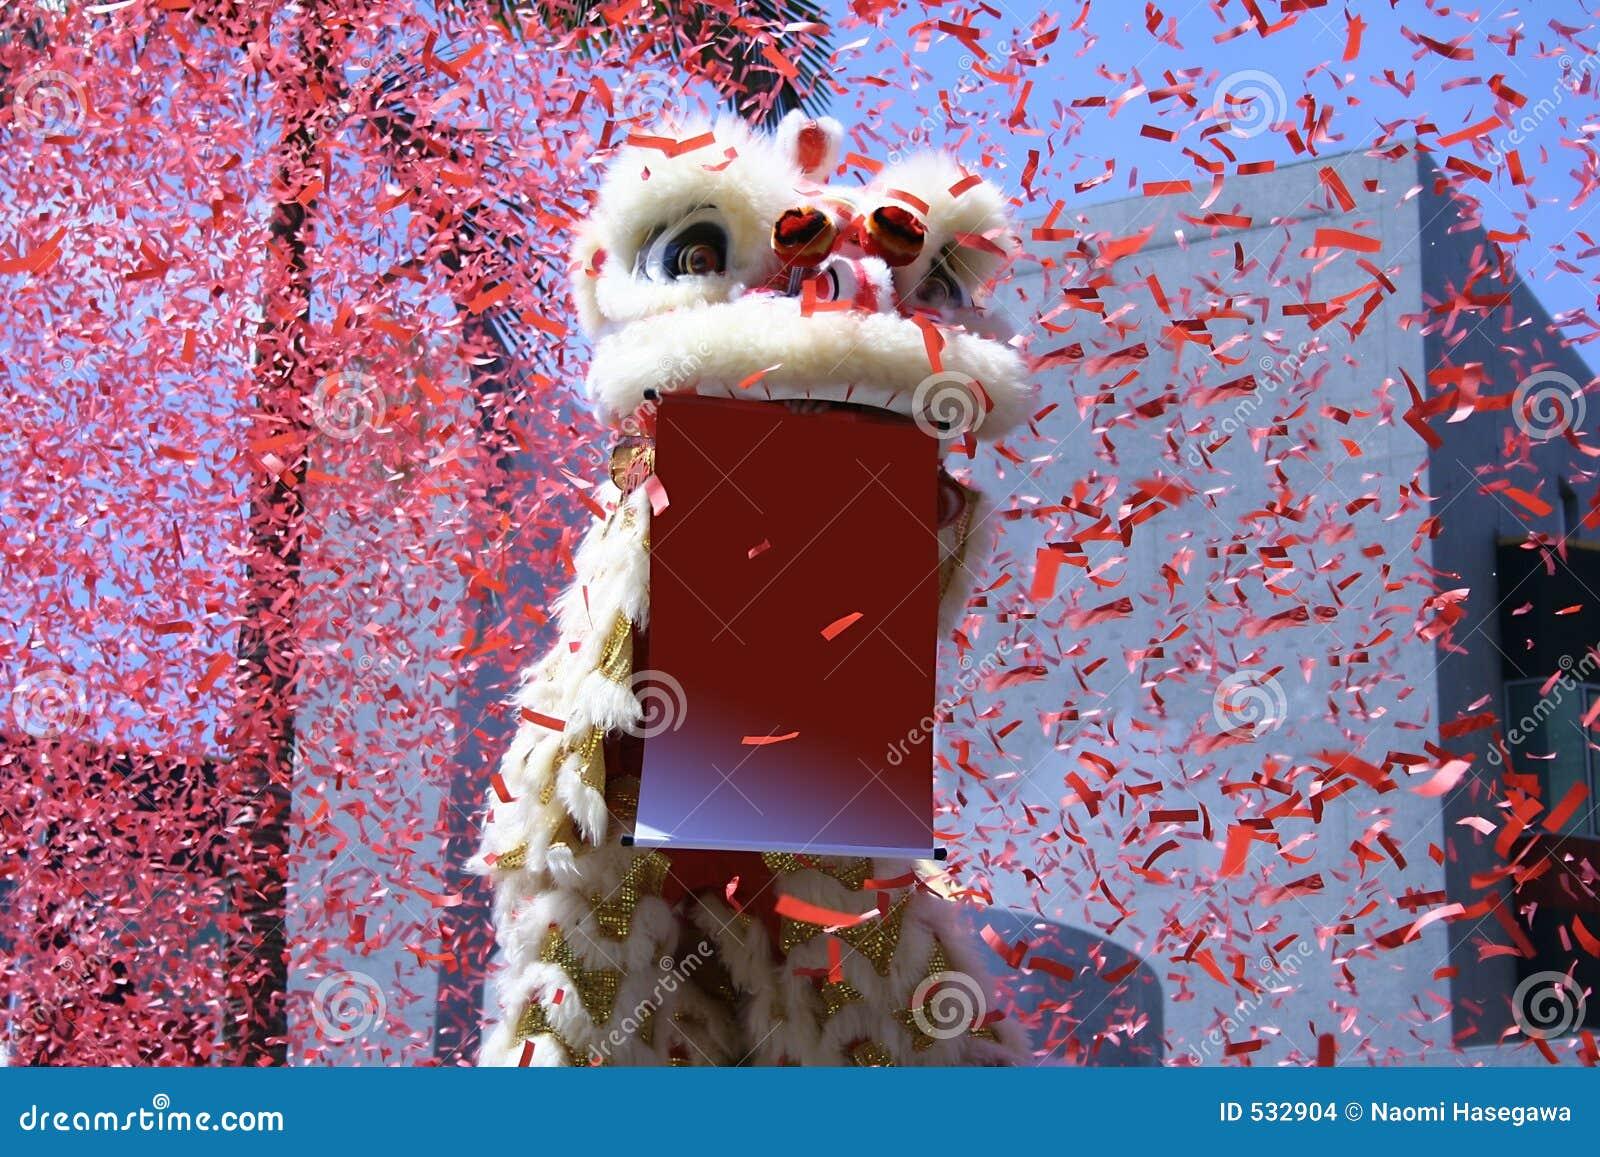 Download 中国人舞蹈狮子 库存照片. 图片 包括有 文化, 舞蹈, 庆祝, 摩天大楼, 蓝色, 运气, 月球, 东方, 狂欢节 - 532904